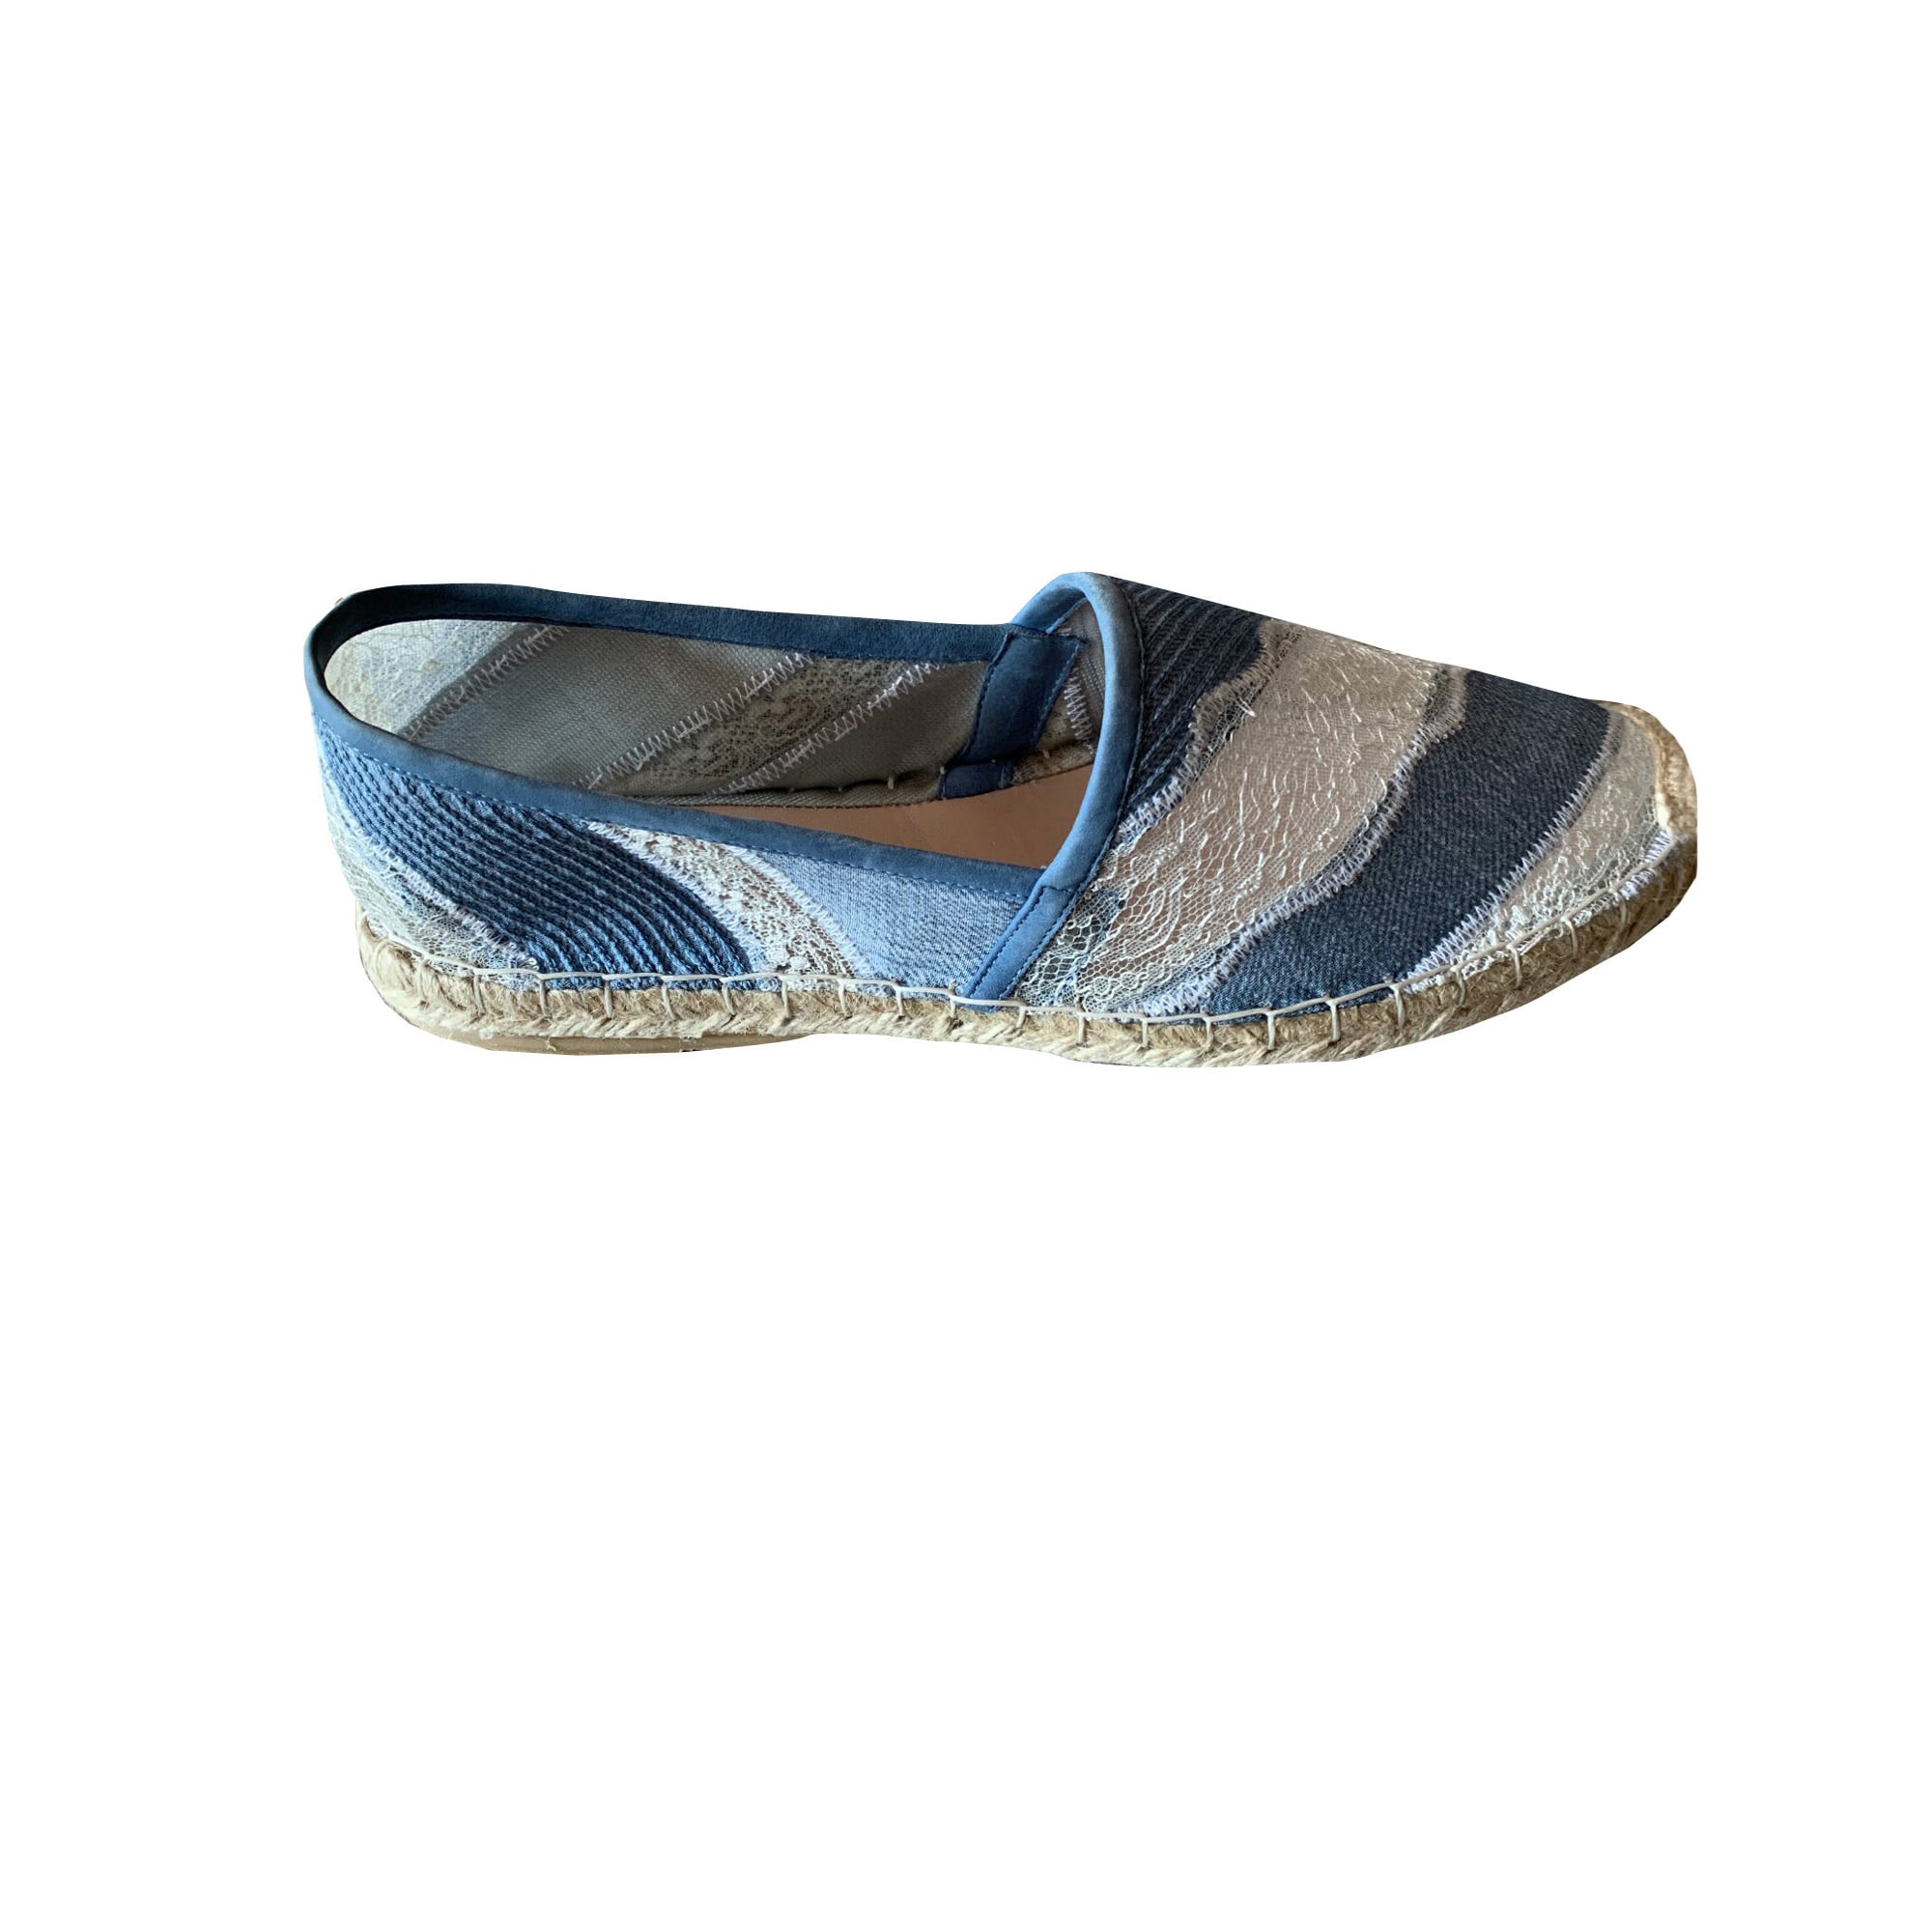 Espadrilles ERMANNO SCERVINO Bleu, bleu marine, bleu turquoise